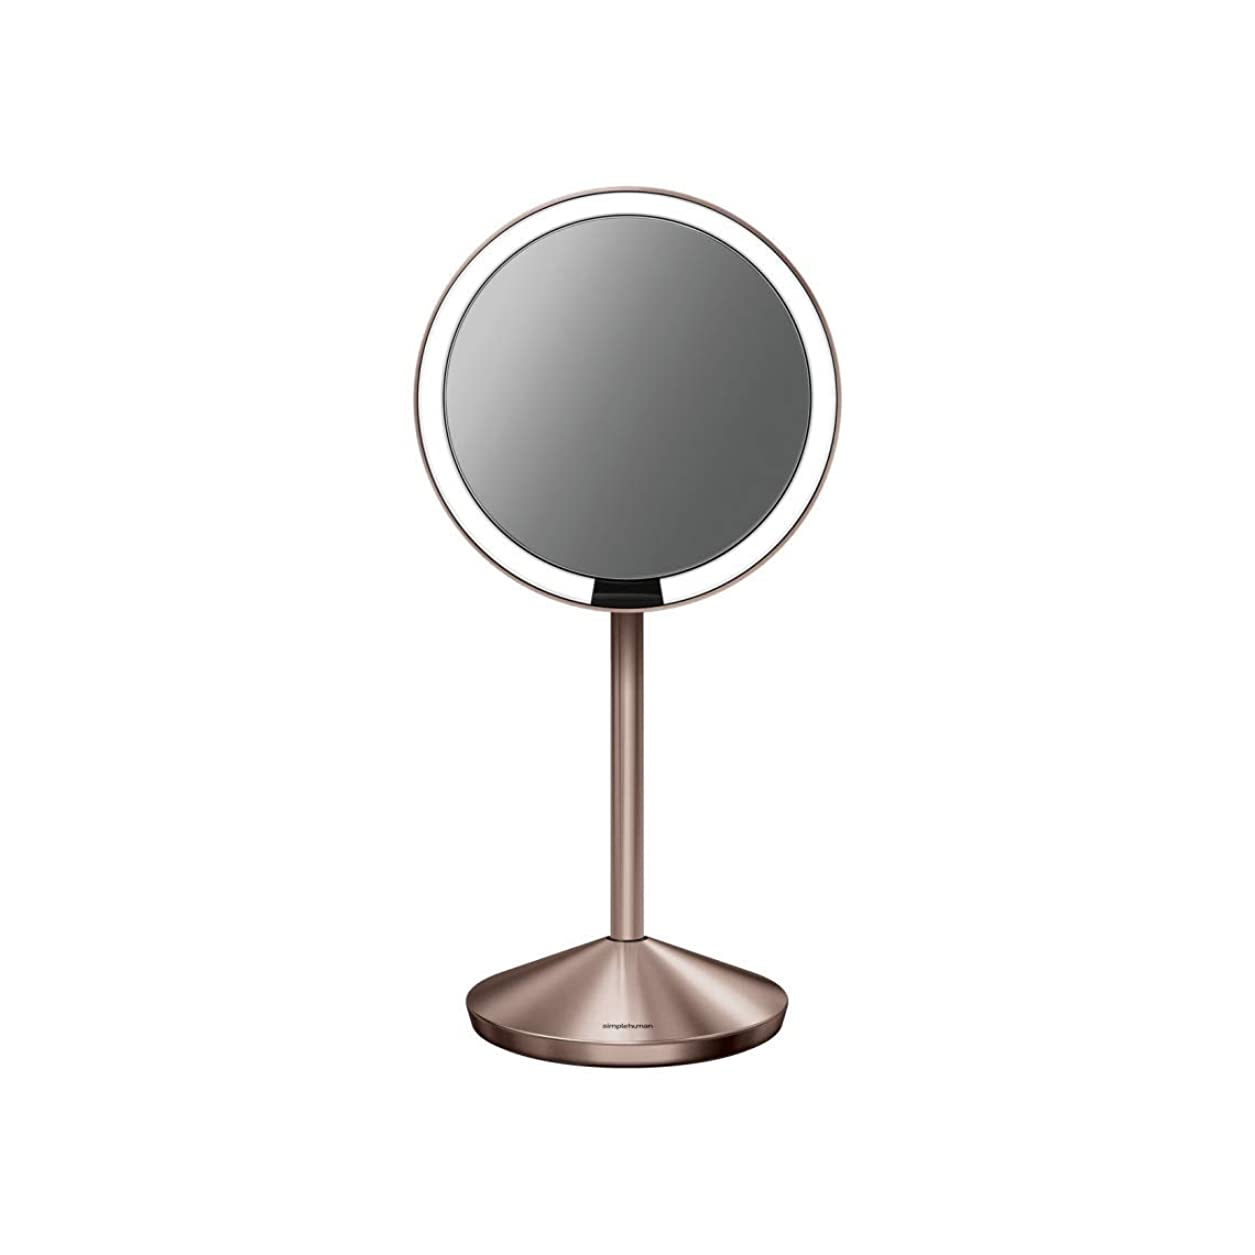 ブラシパール保険simplehuman 5インチセンサーミラー 照明付きメイクアップミラー 10倍拡大 ステンレススチール 5 inch diameter ゴールド ST3010